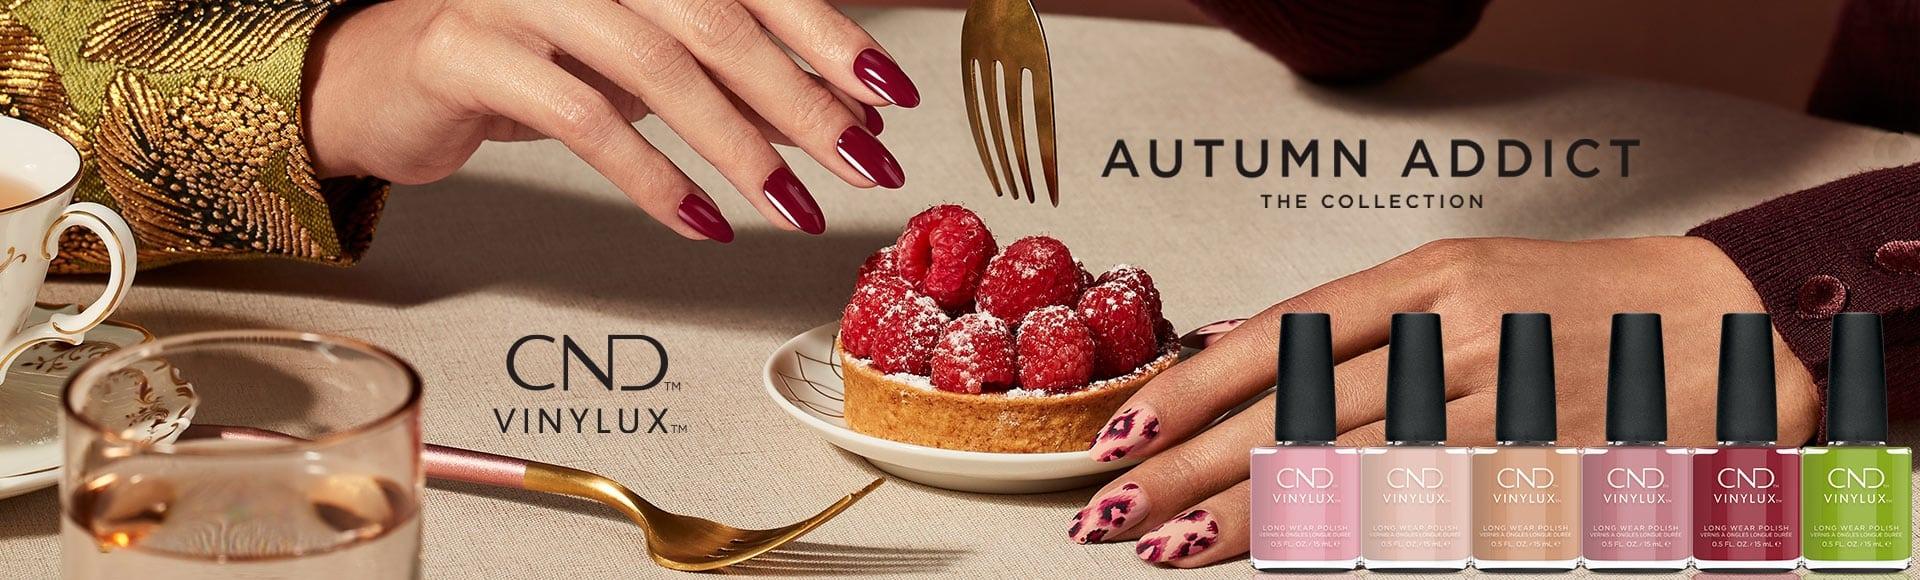 Autumn Addict Collection 2020